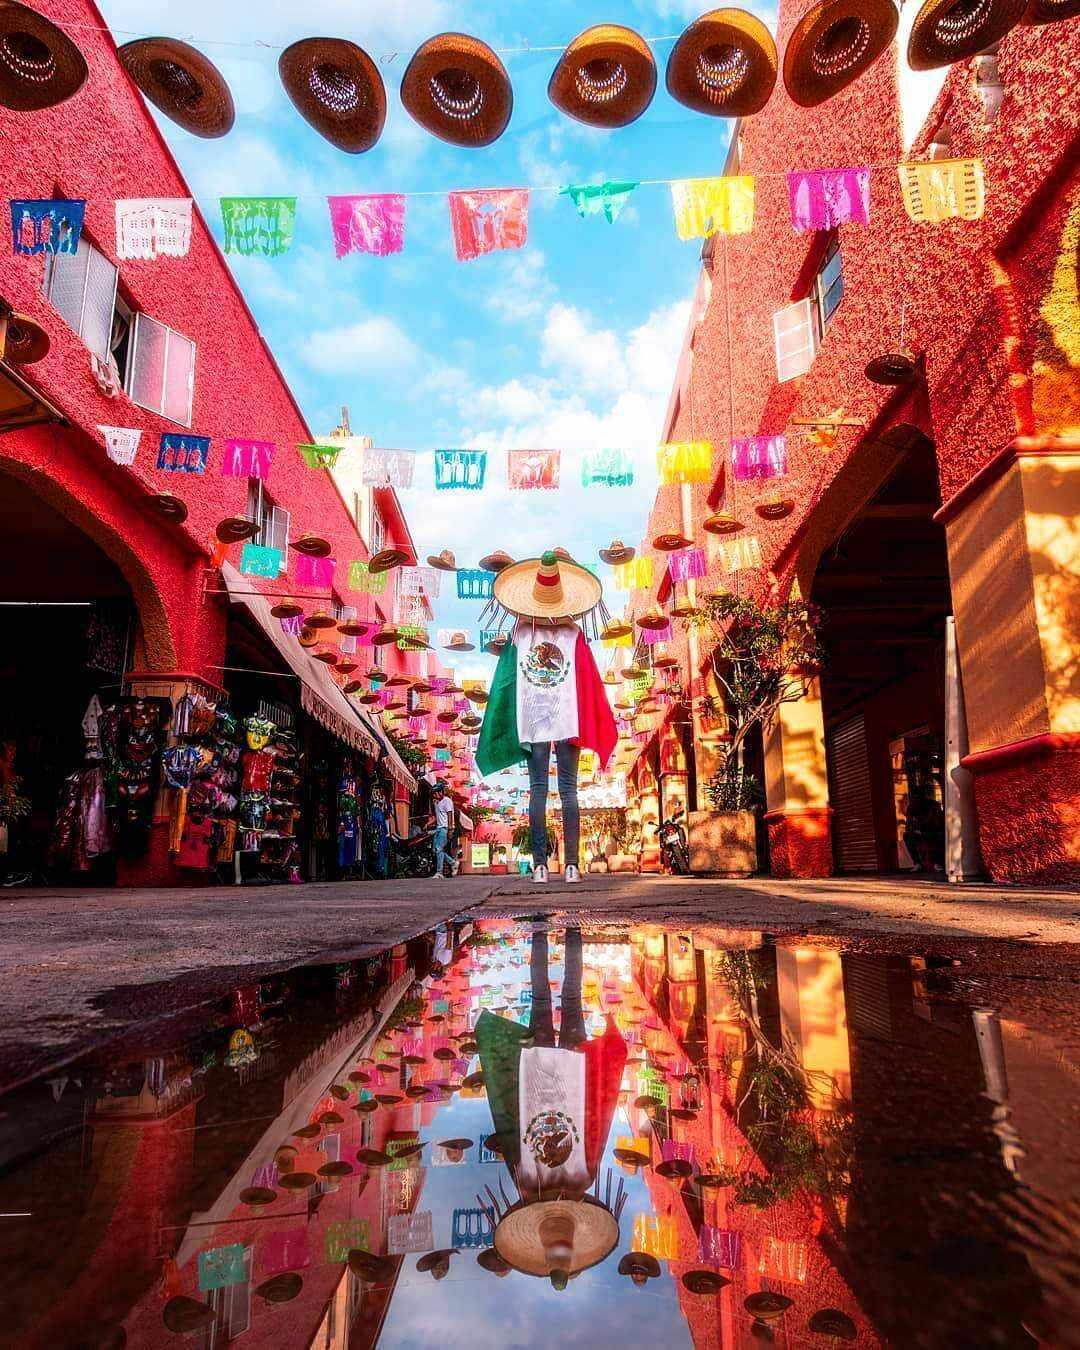 México lindo y querido 🇲🇽❤️